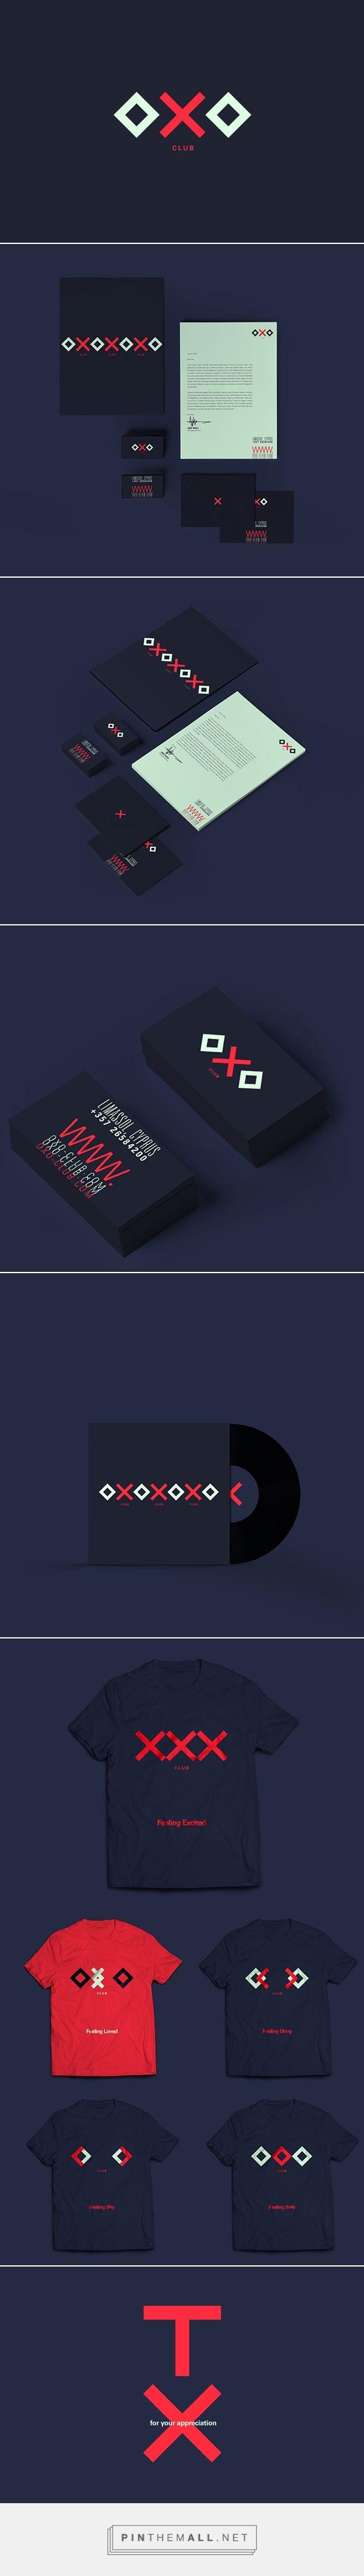 OXO Branding on Behance | Fivestar Branding – Design and Branding Agency & Inspiration Gallery